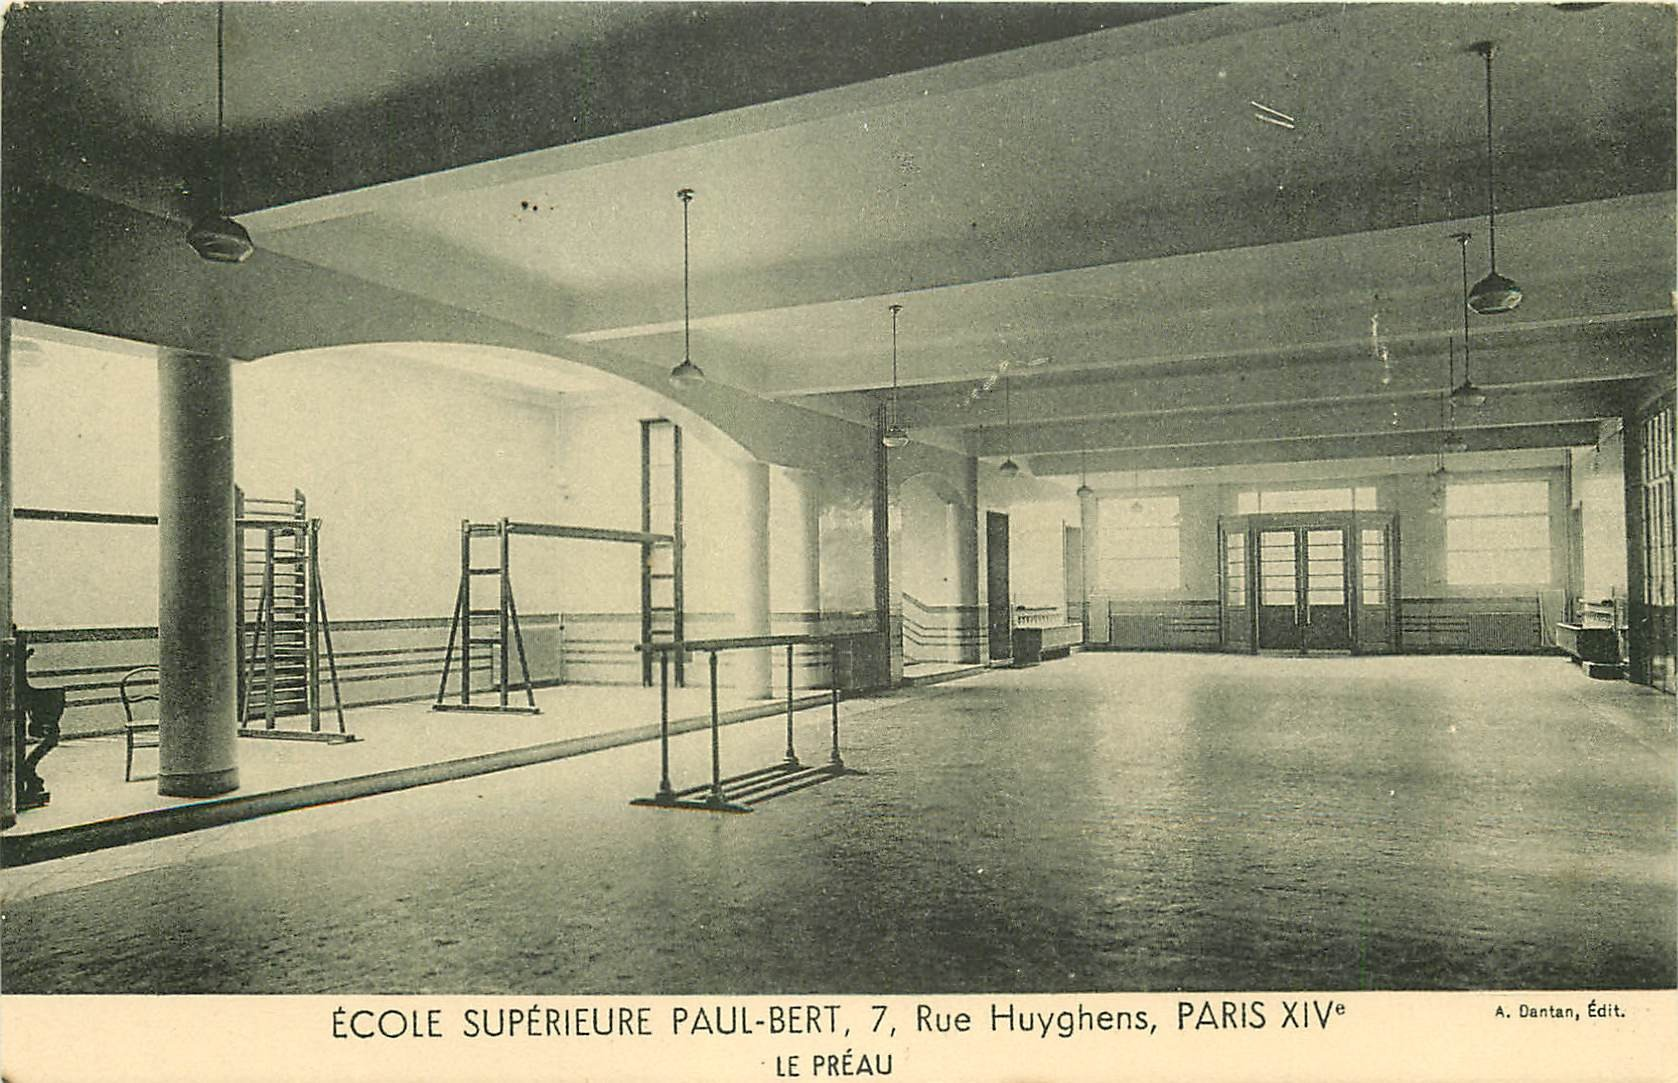 PARIS 14. Ecole Supérieure Paul-Bert 7 rue Huyghens. Le Préau